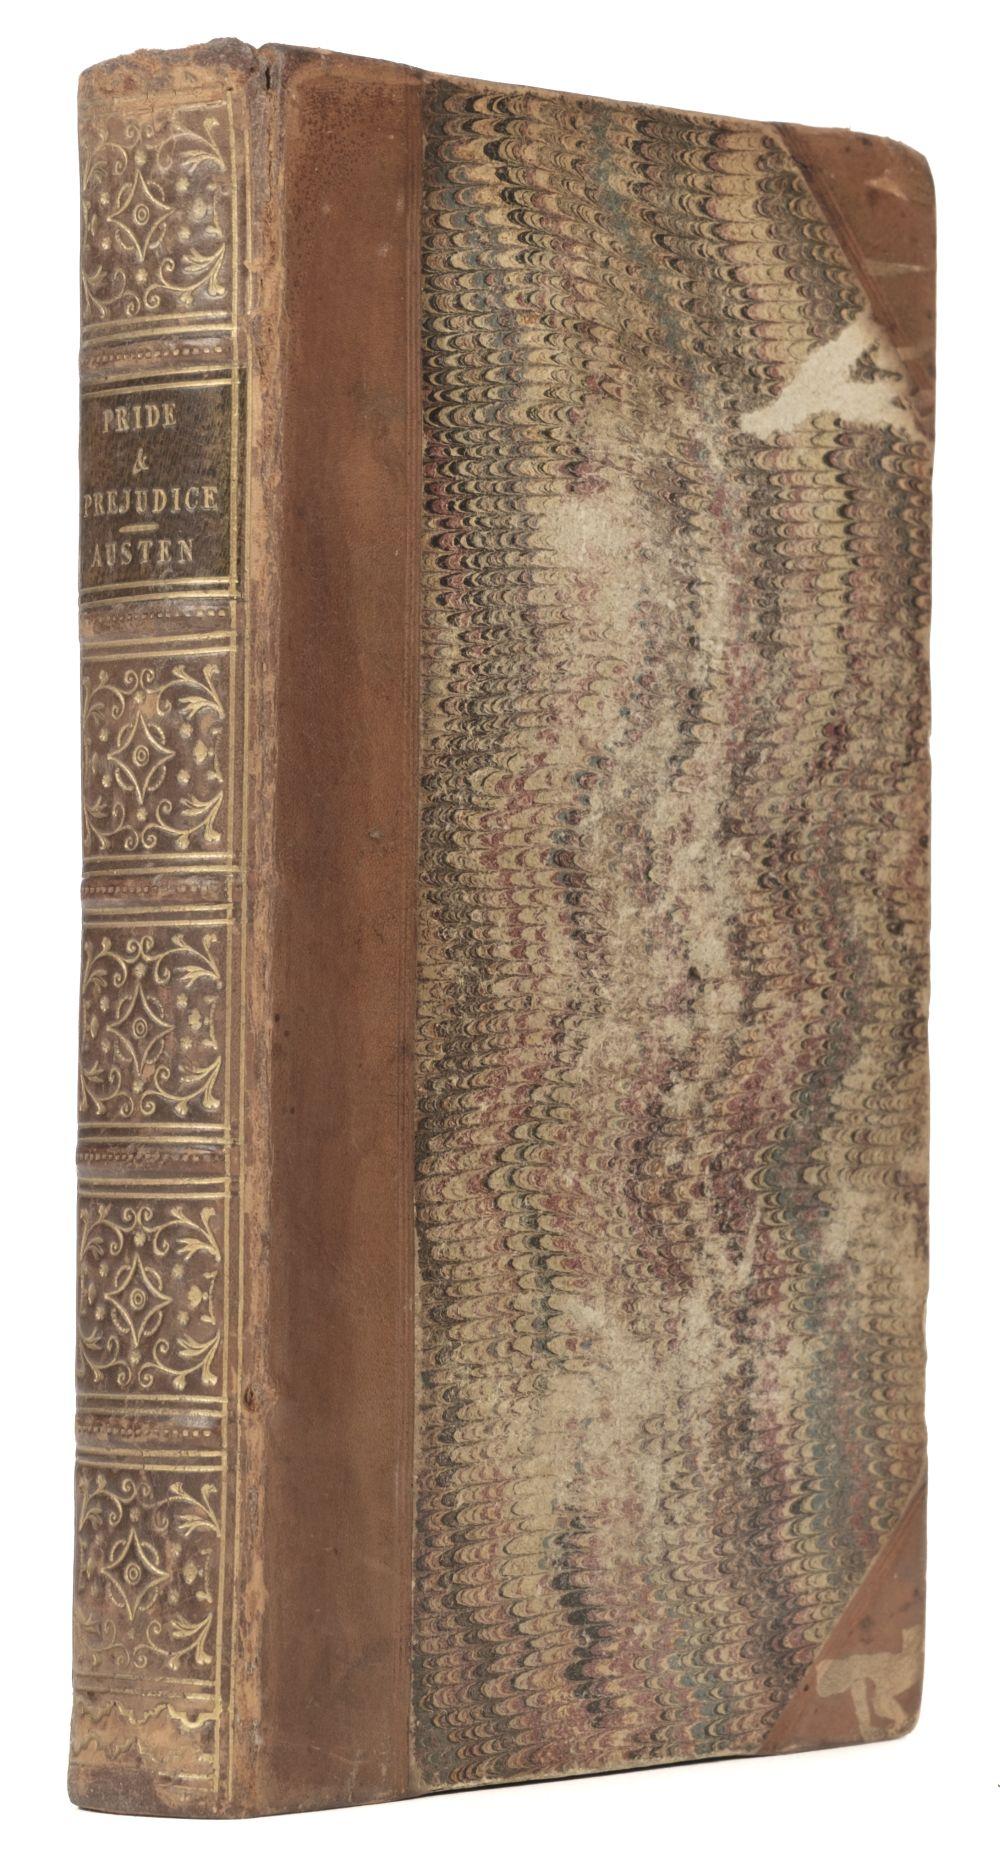 Pride and Prejudice 1846